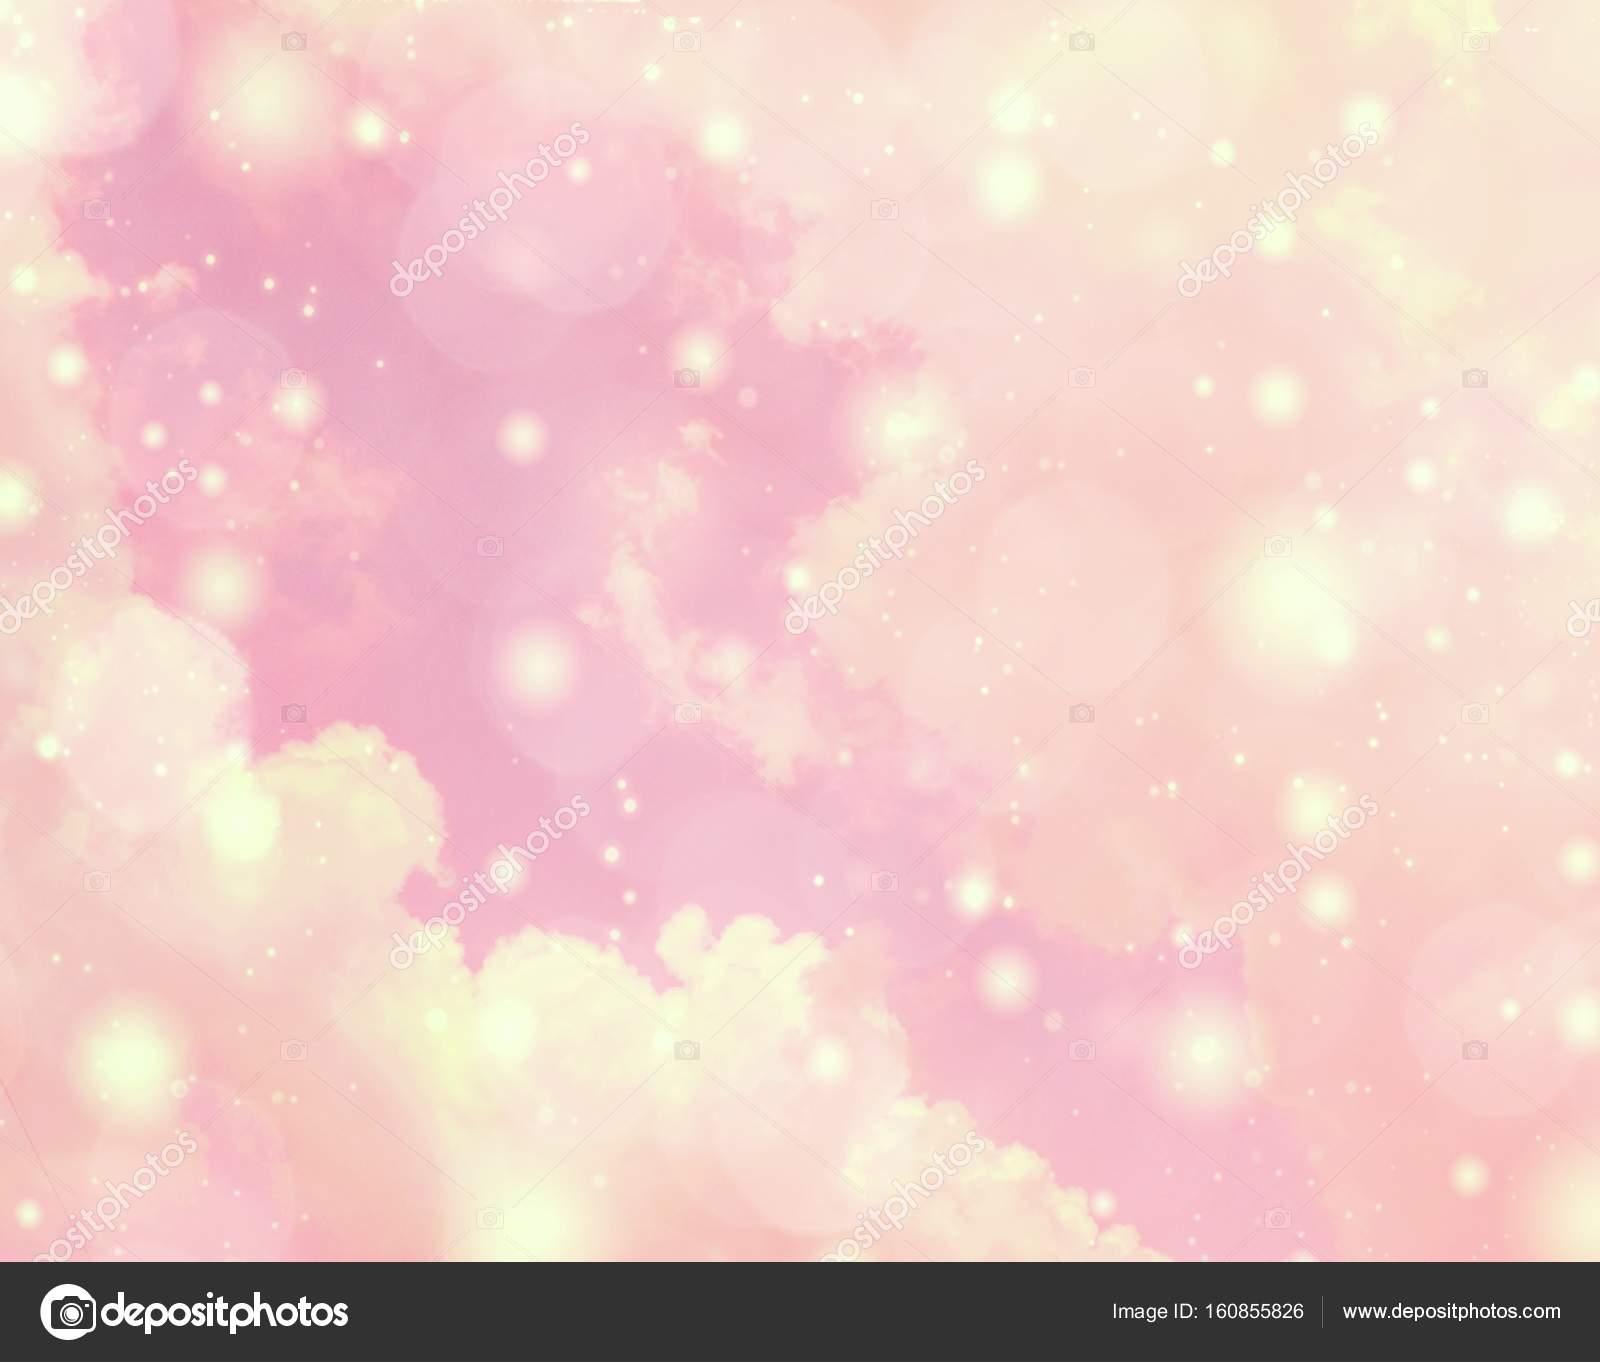 Defocused dreamy background spectrum of bright pastel